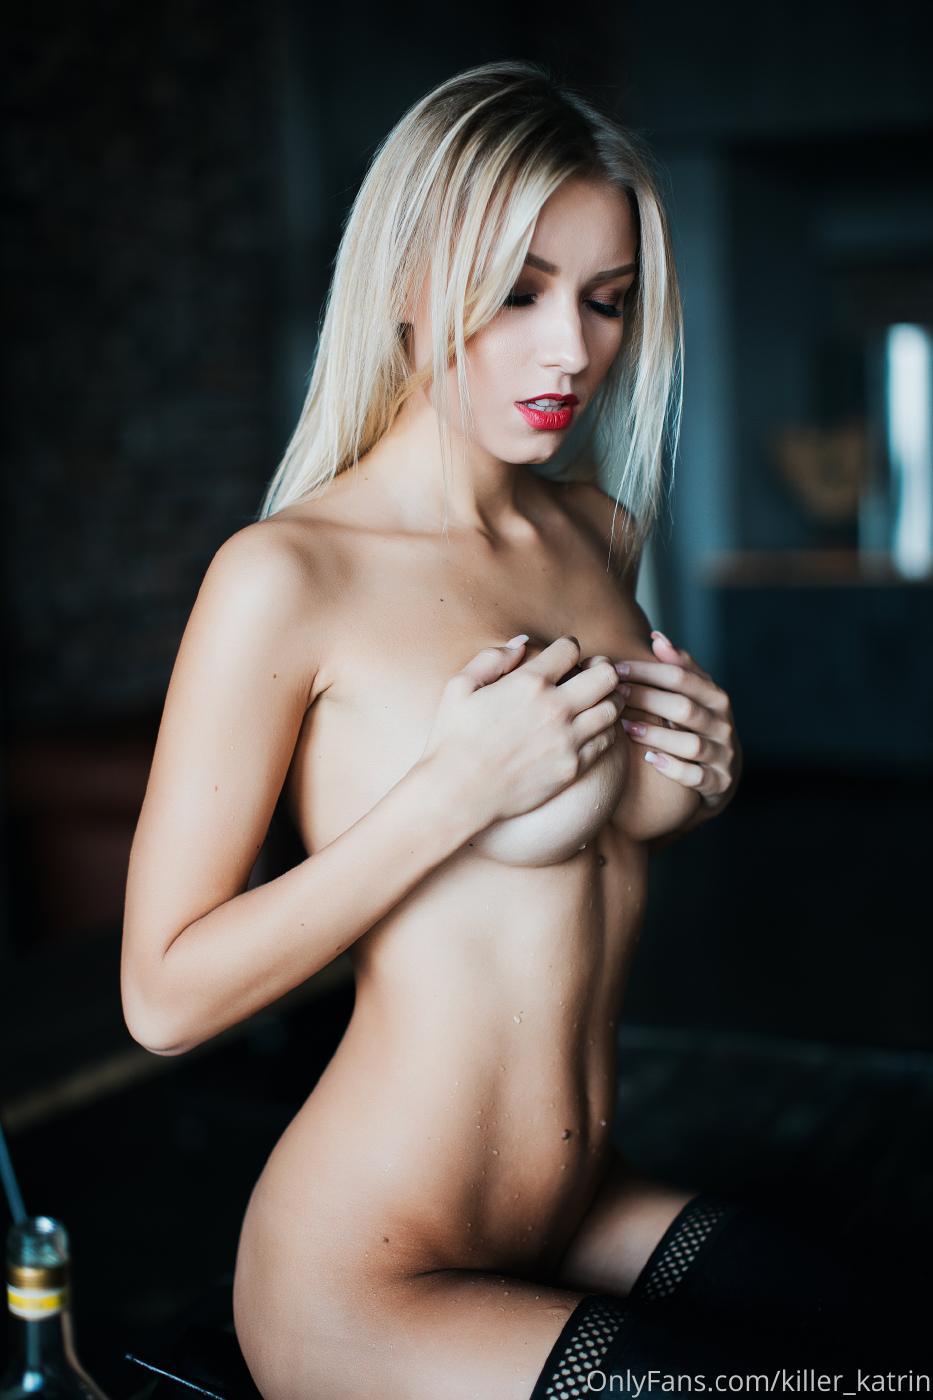 Killer Katrin Nude Bar Strip Onlyfans Set Leaked Njjbmd